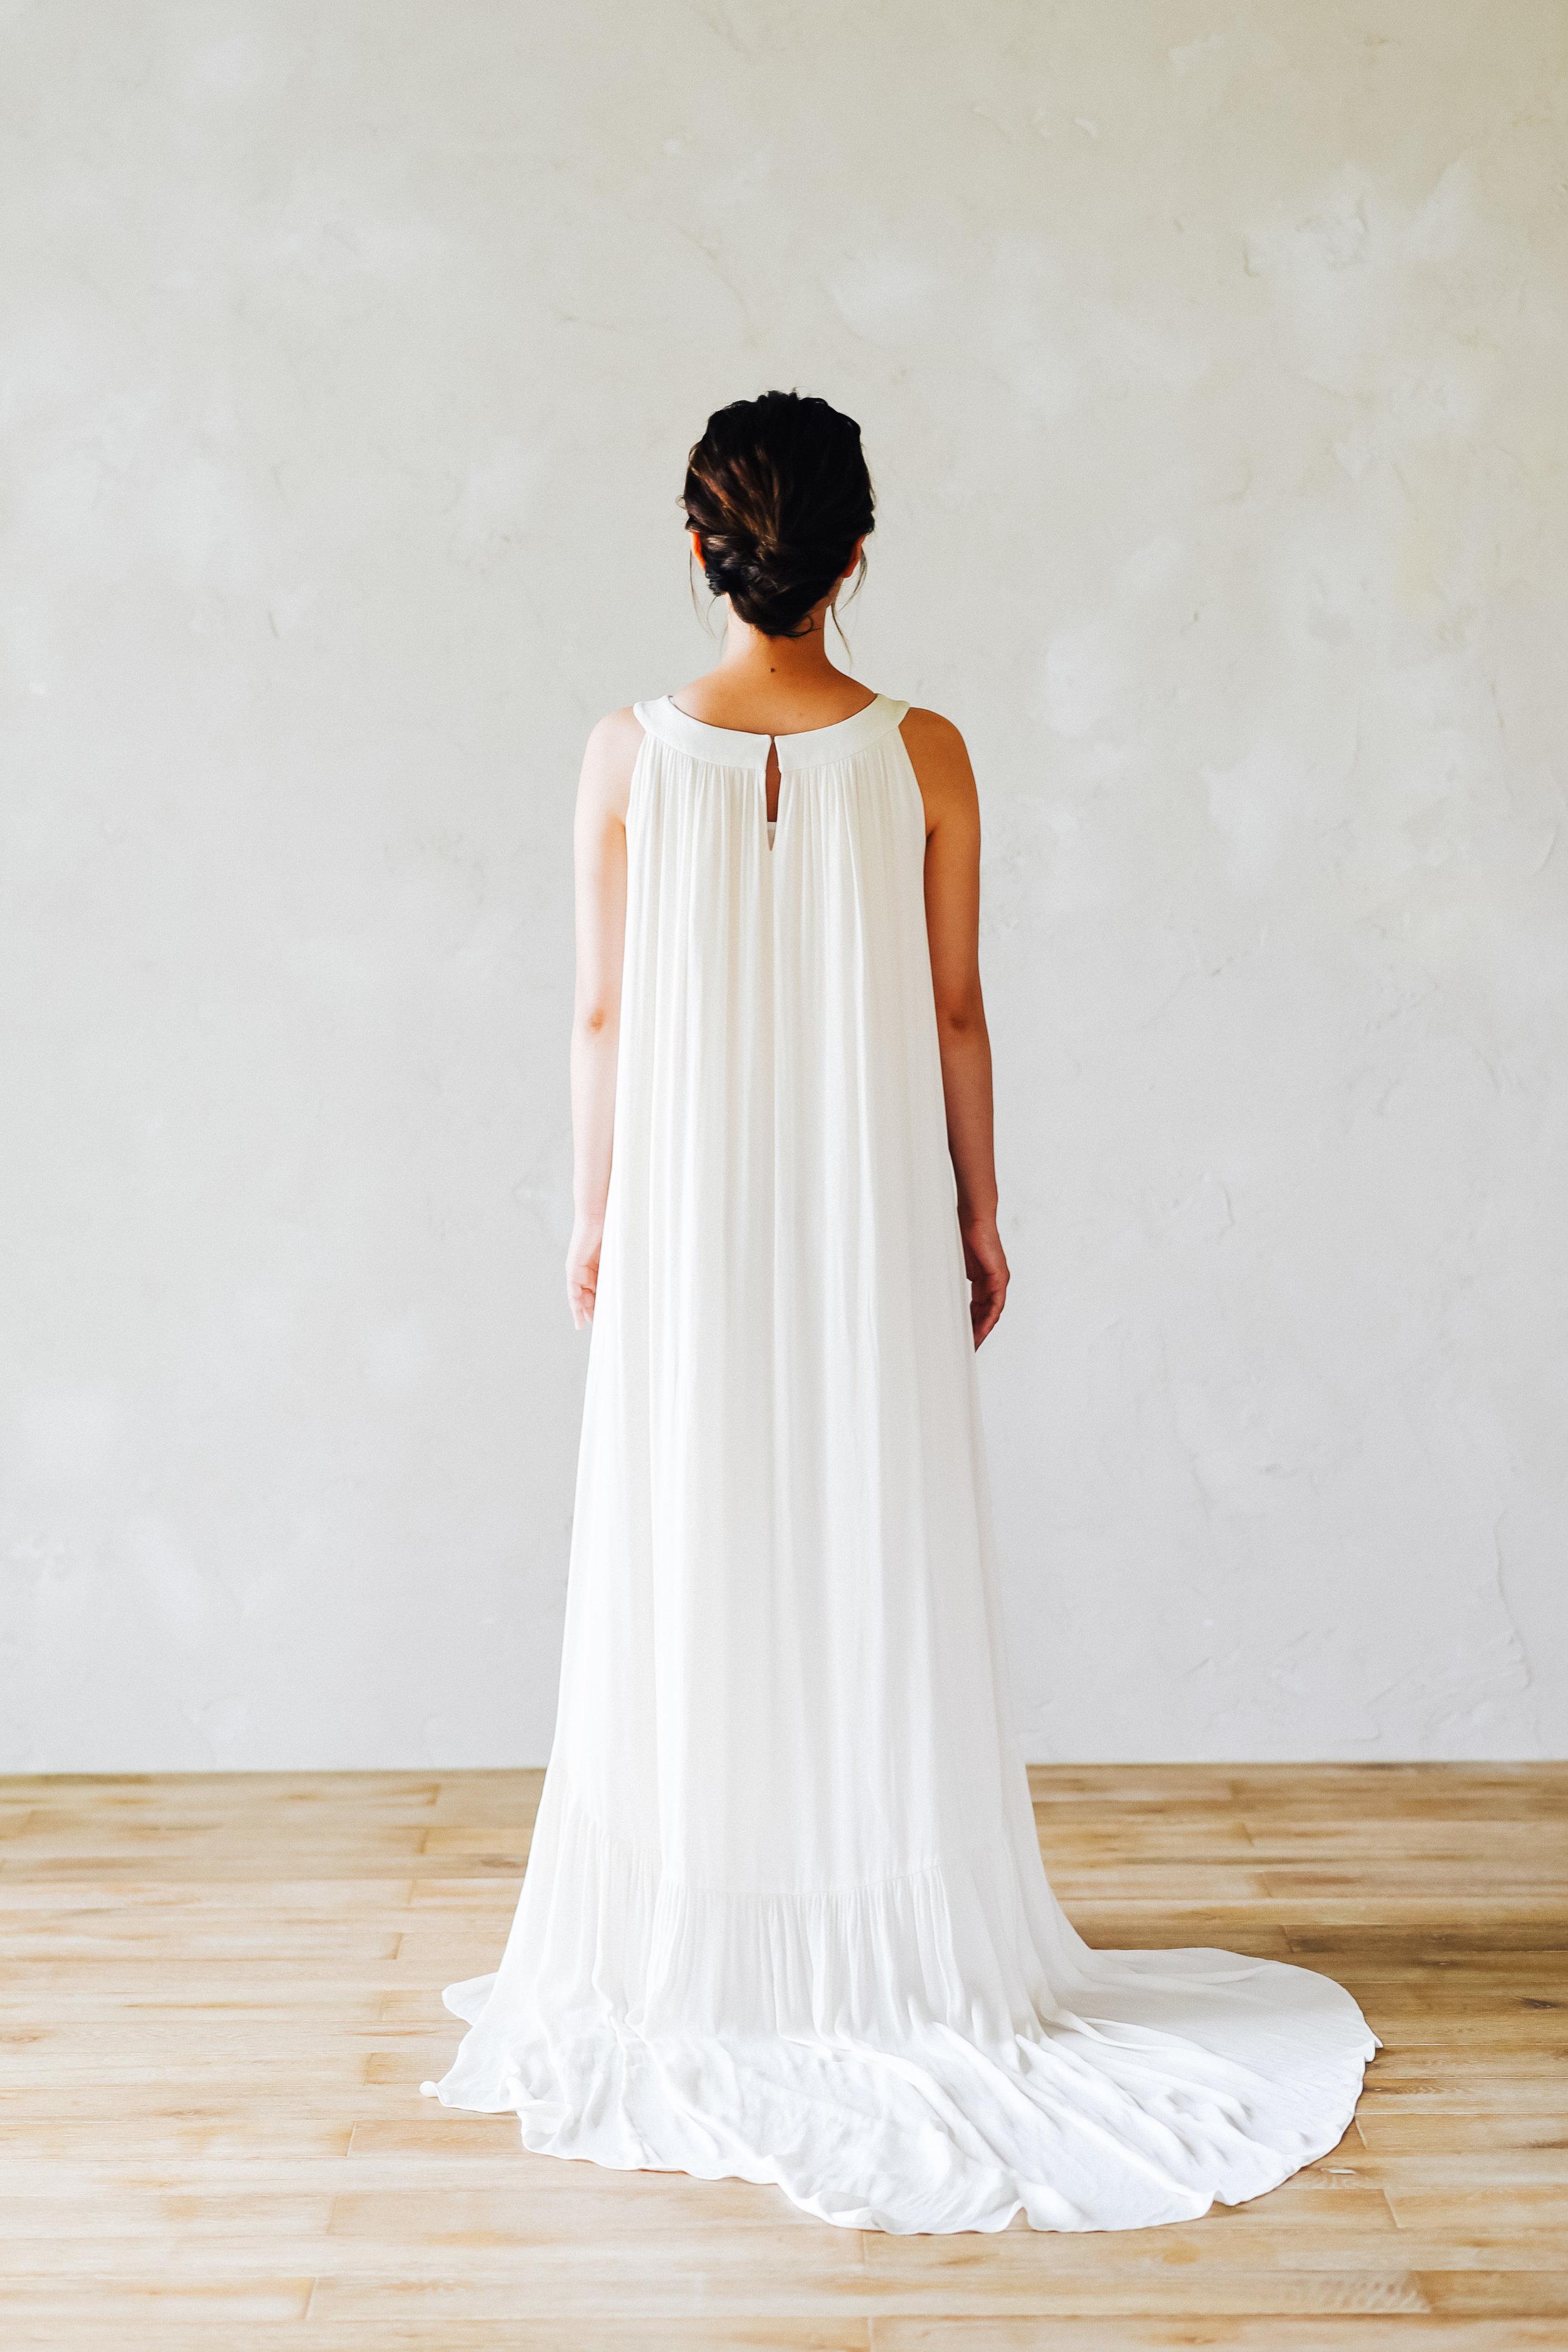 dress9_2.jpg